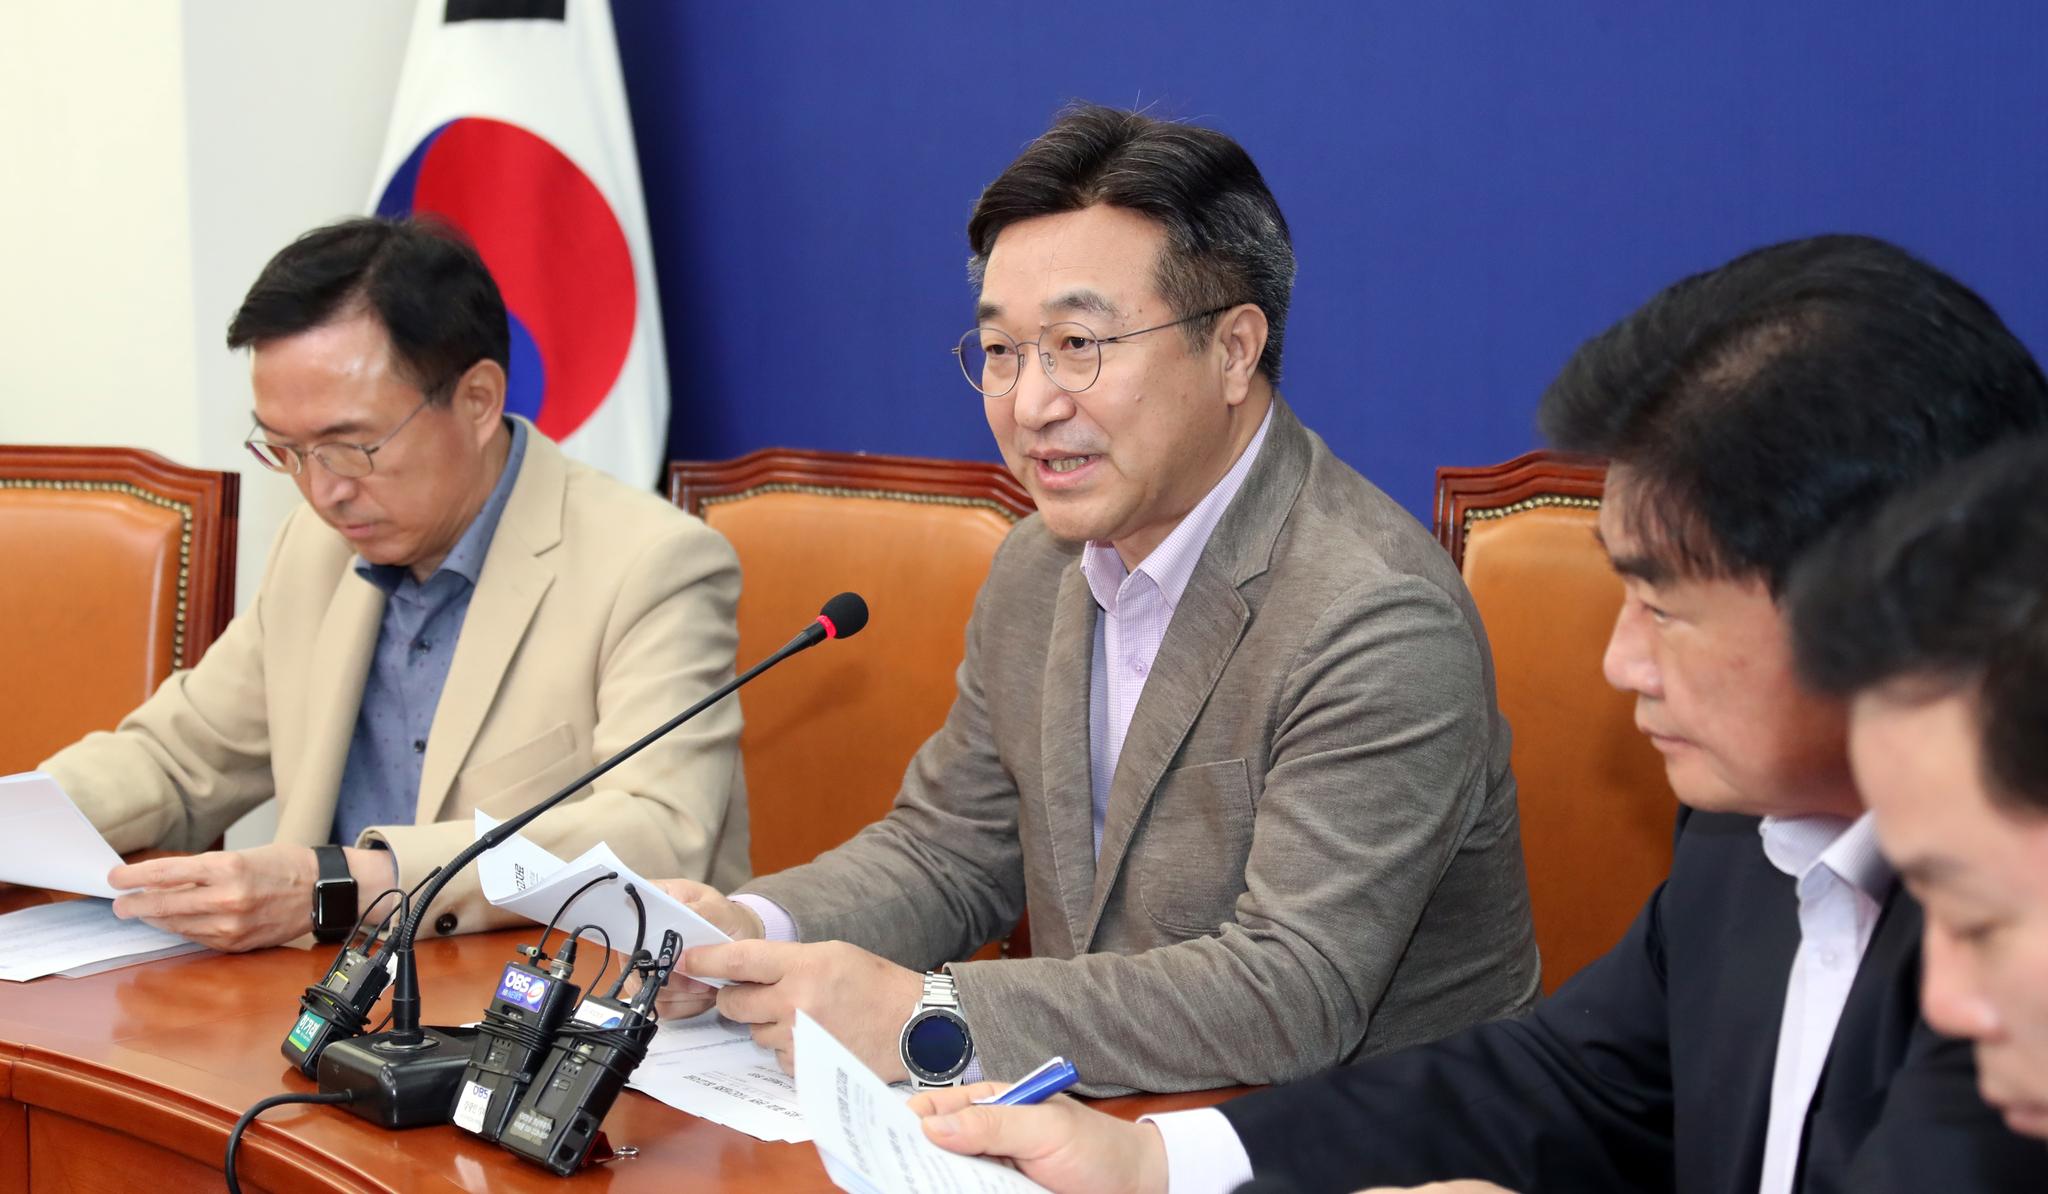 윤호중 더불어민주당 사무총장(왼쪽 두 번째). 변선구 기자